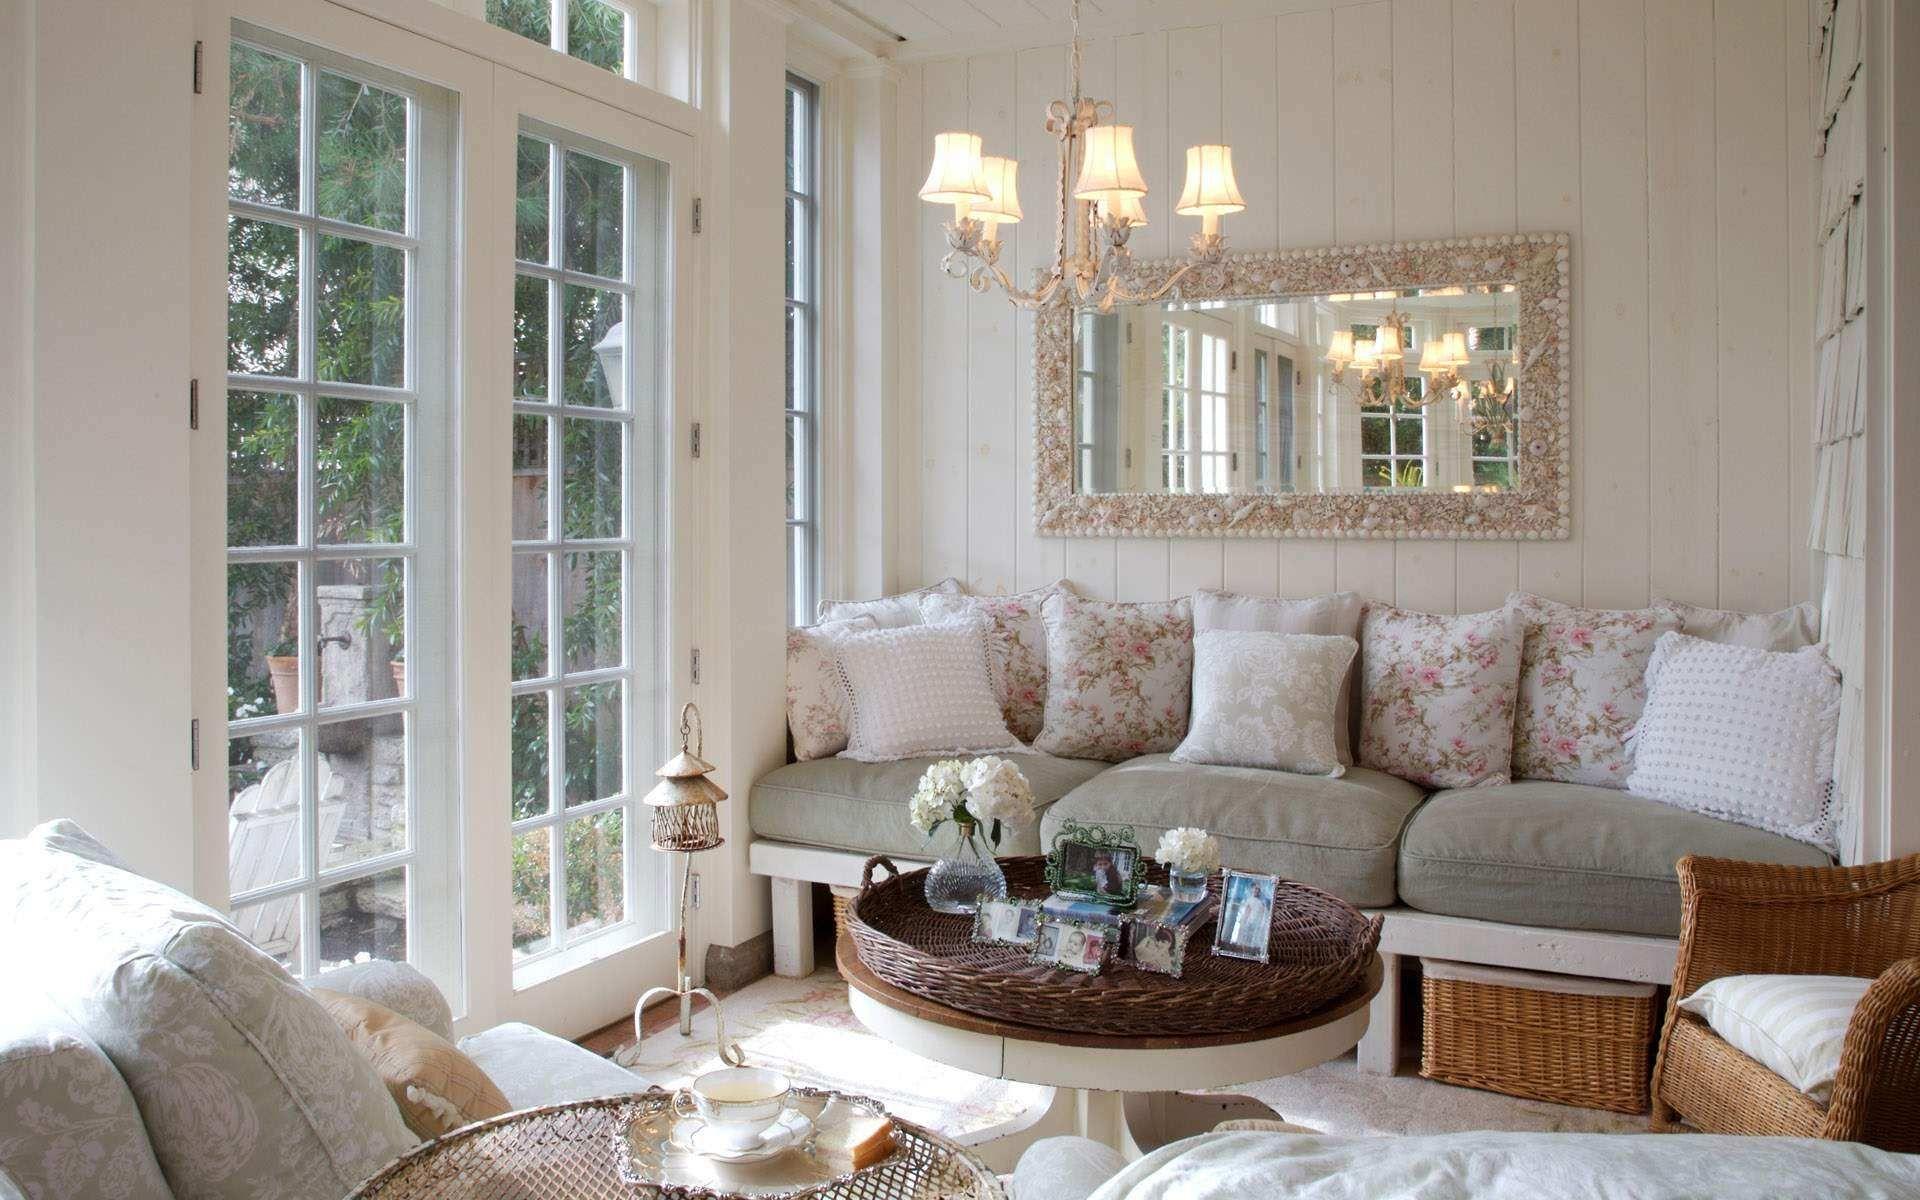 30 kleine Wohnzimmer-Verzierungsideen | Architektur | Pinterest ...